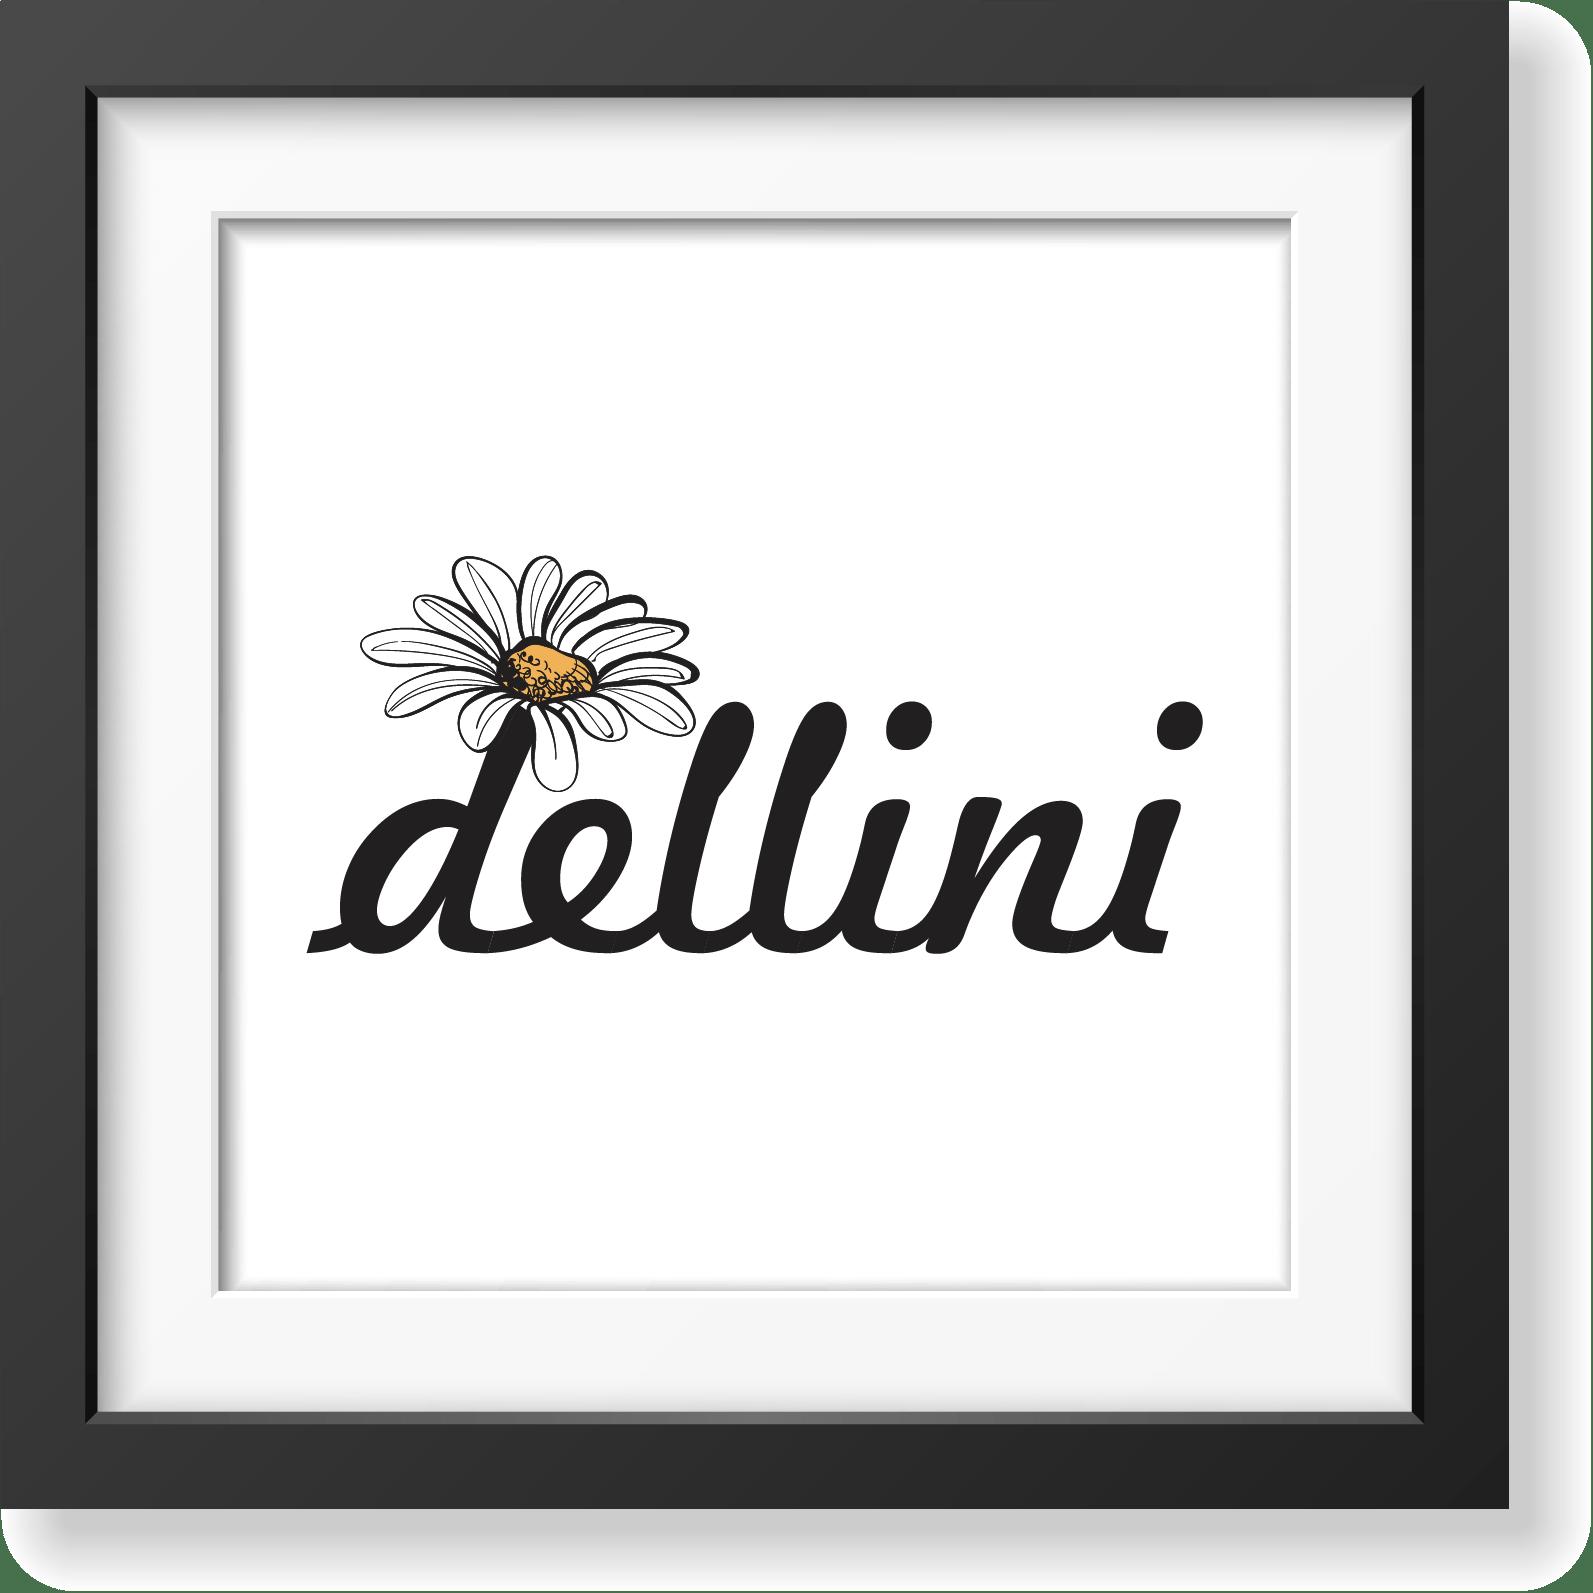 Dellini - studio e realizzazione logo e naming